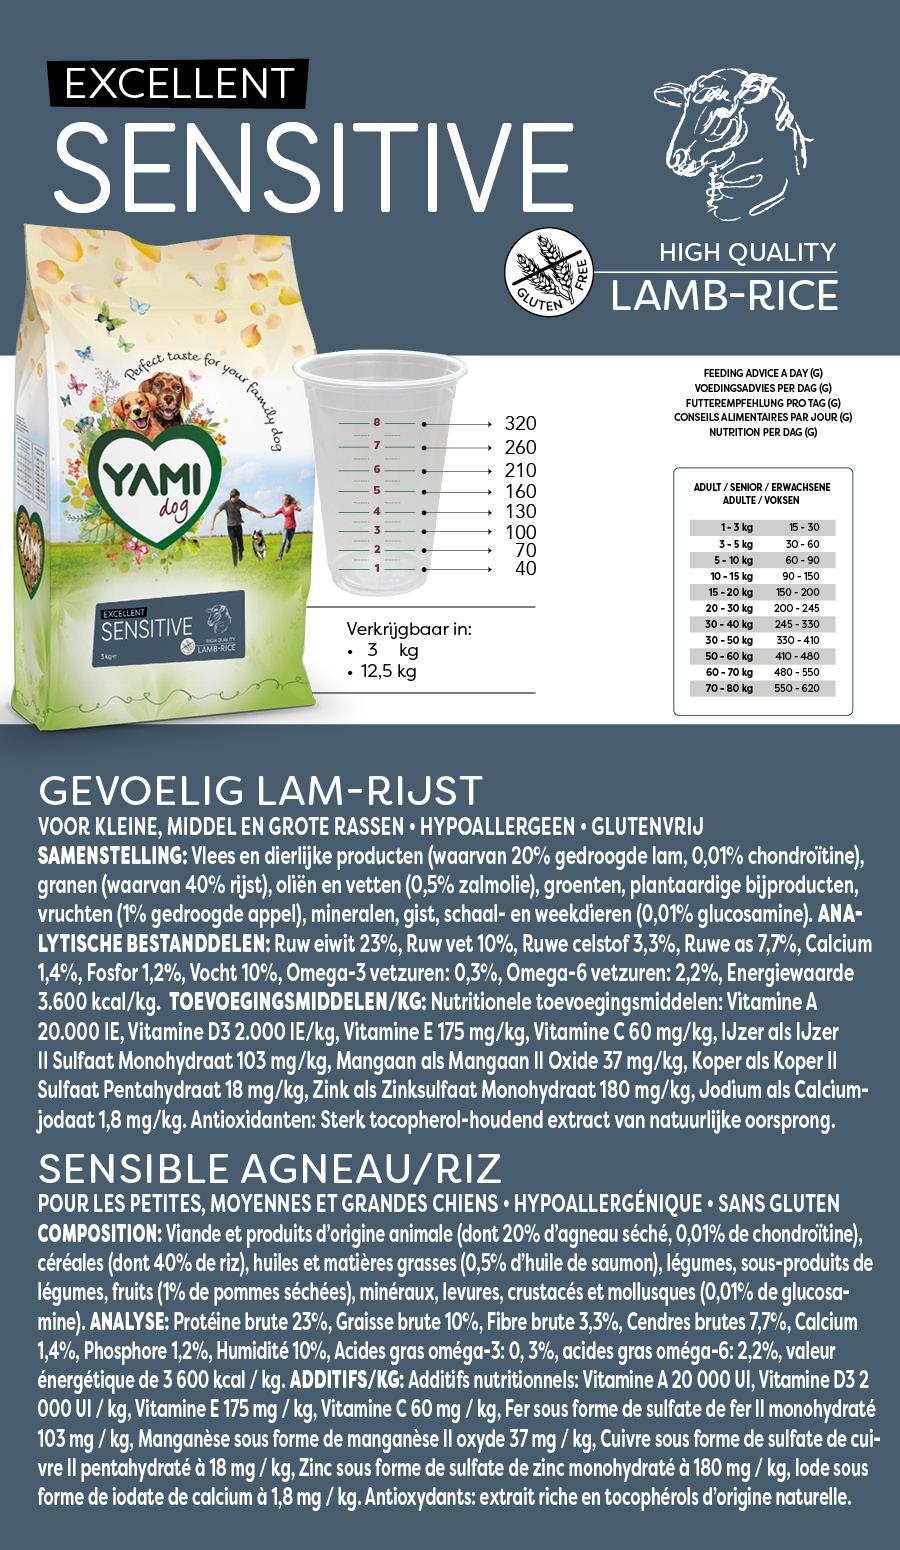 Yamidog Sensitive Lam Rijst